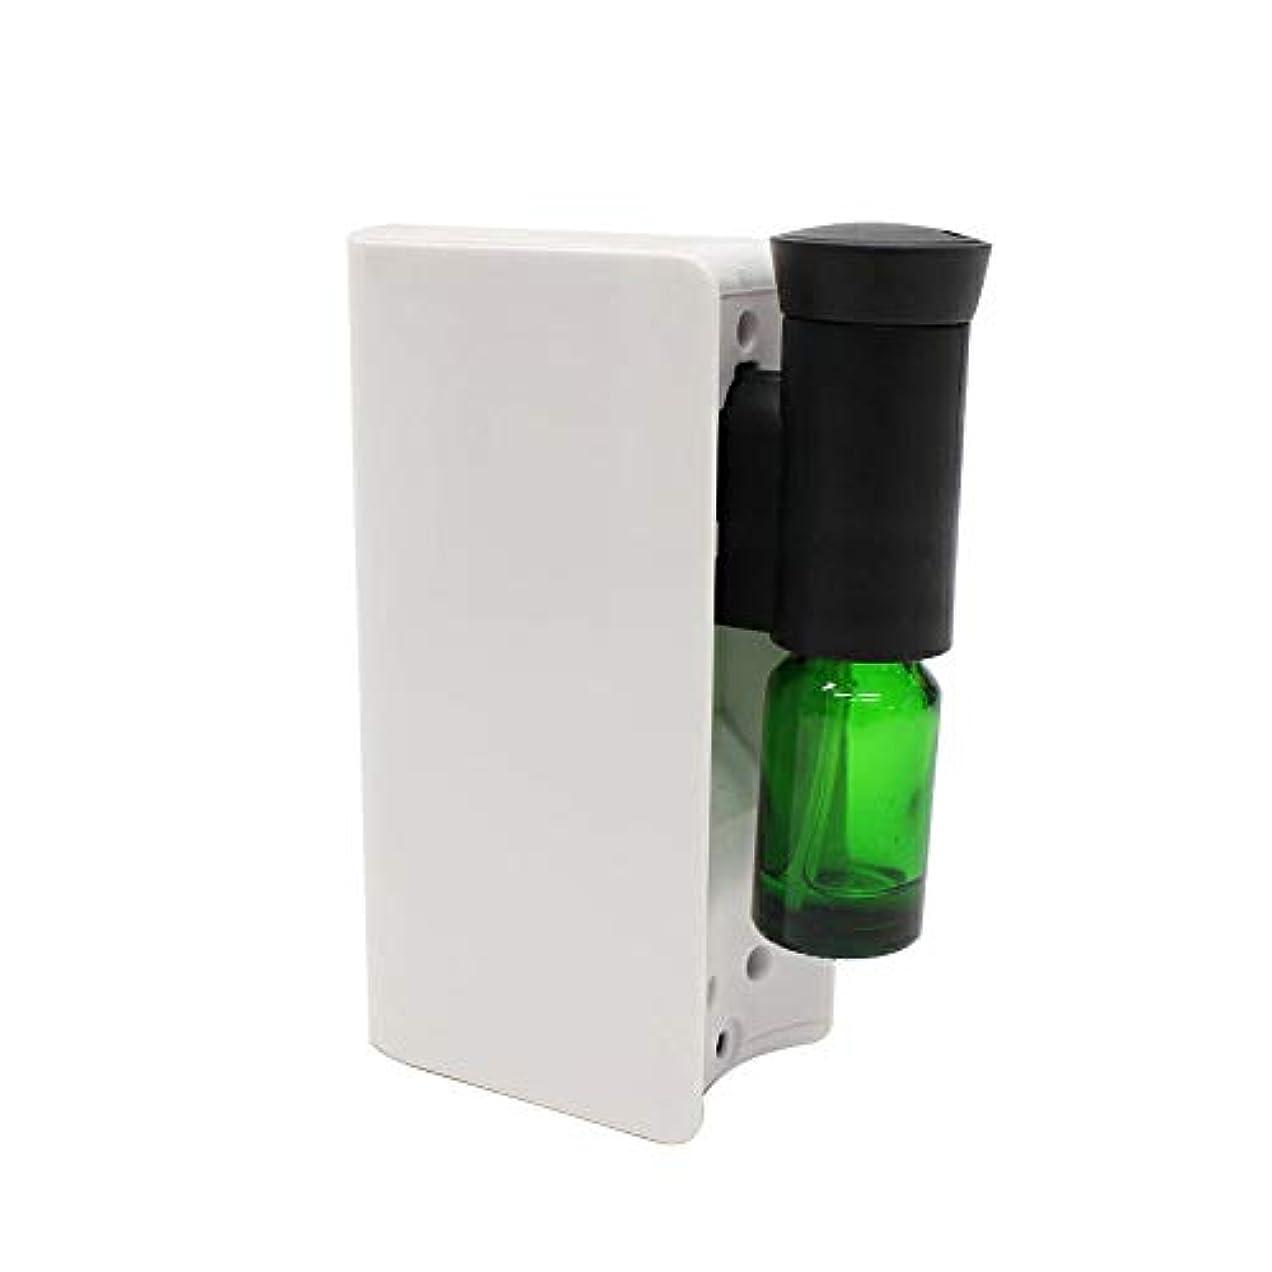 カッターチチカカ湖アベニュー電池式アロマディフューザー 水を使わない ネブライザー式 アロマ ディフューザー アロマオイル対応 自動停止 ECOモード搭載 コンパクト 香り 癒し シンプル ホワイト